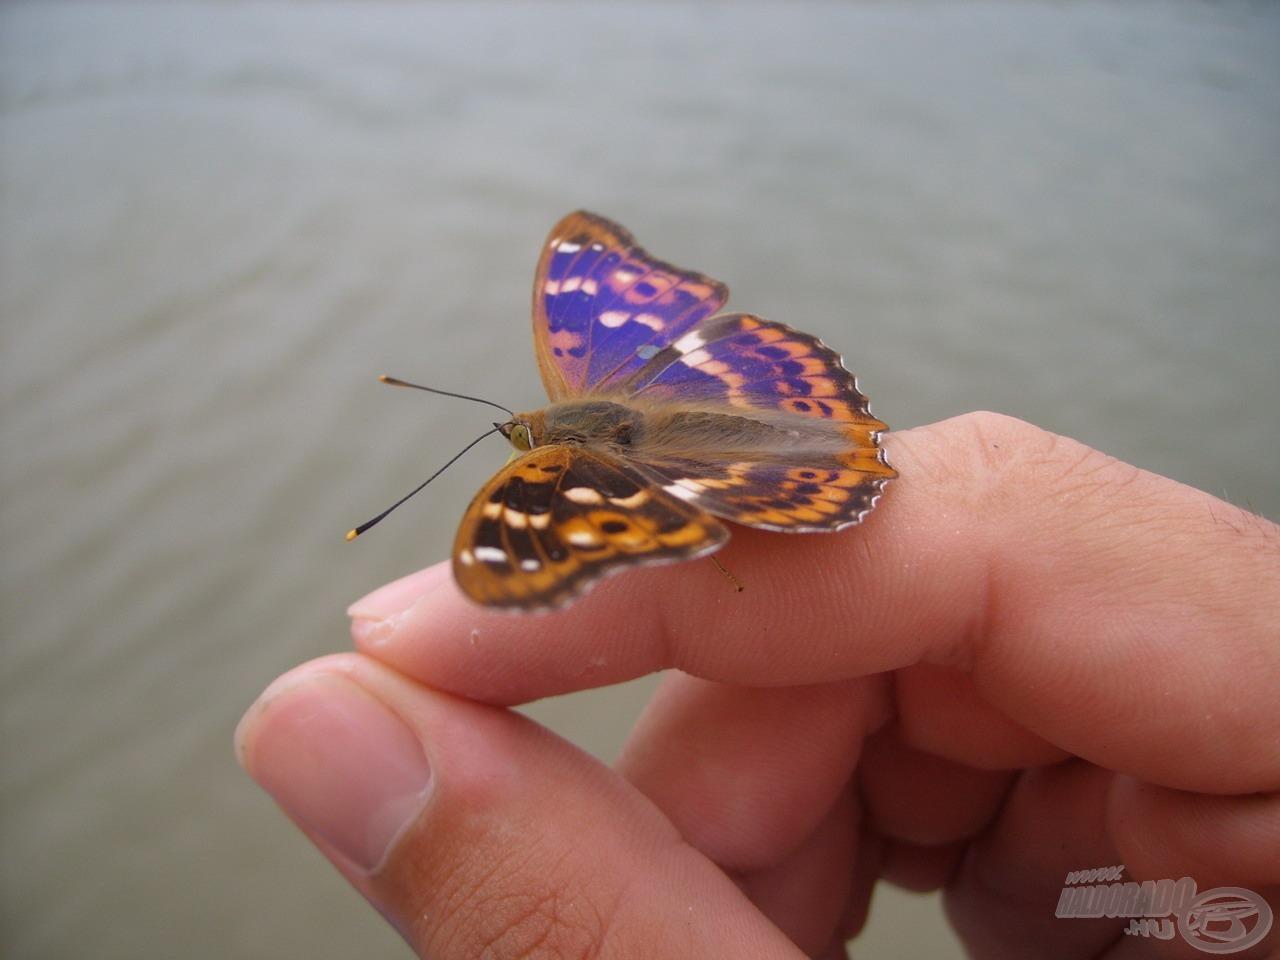 … és még azoknál is lenyűgözőbb színkavalkádot viselő pillangókat